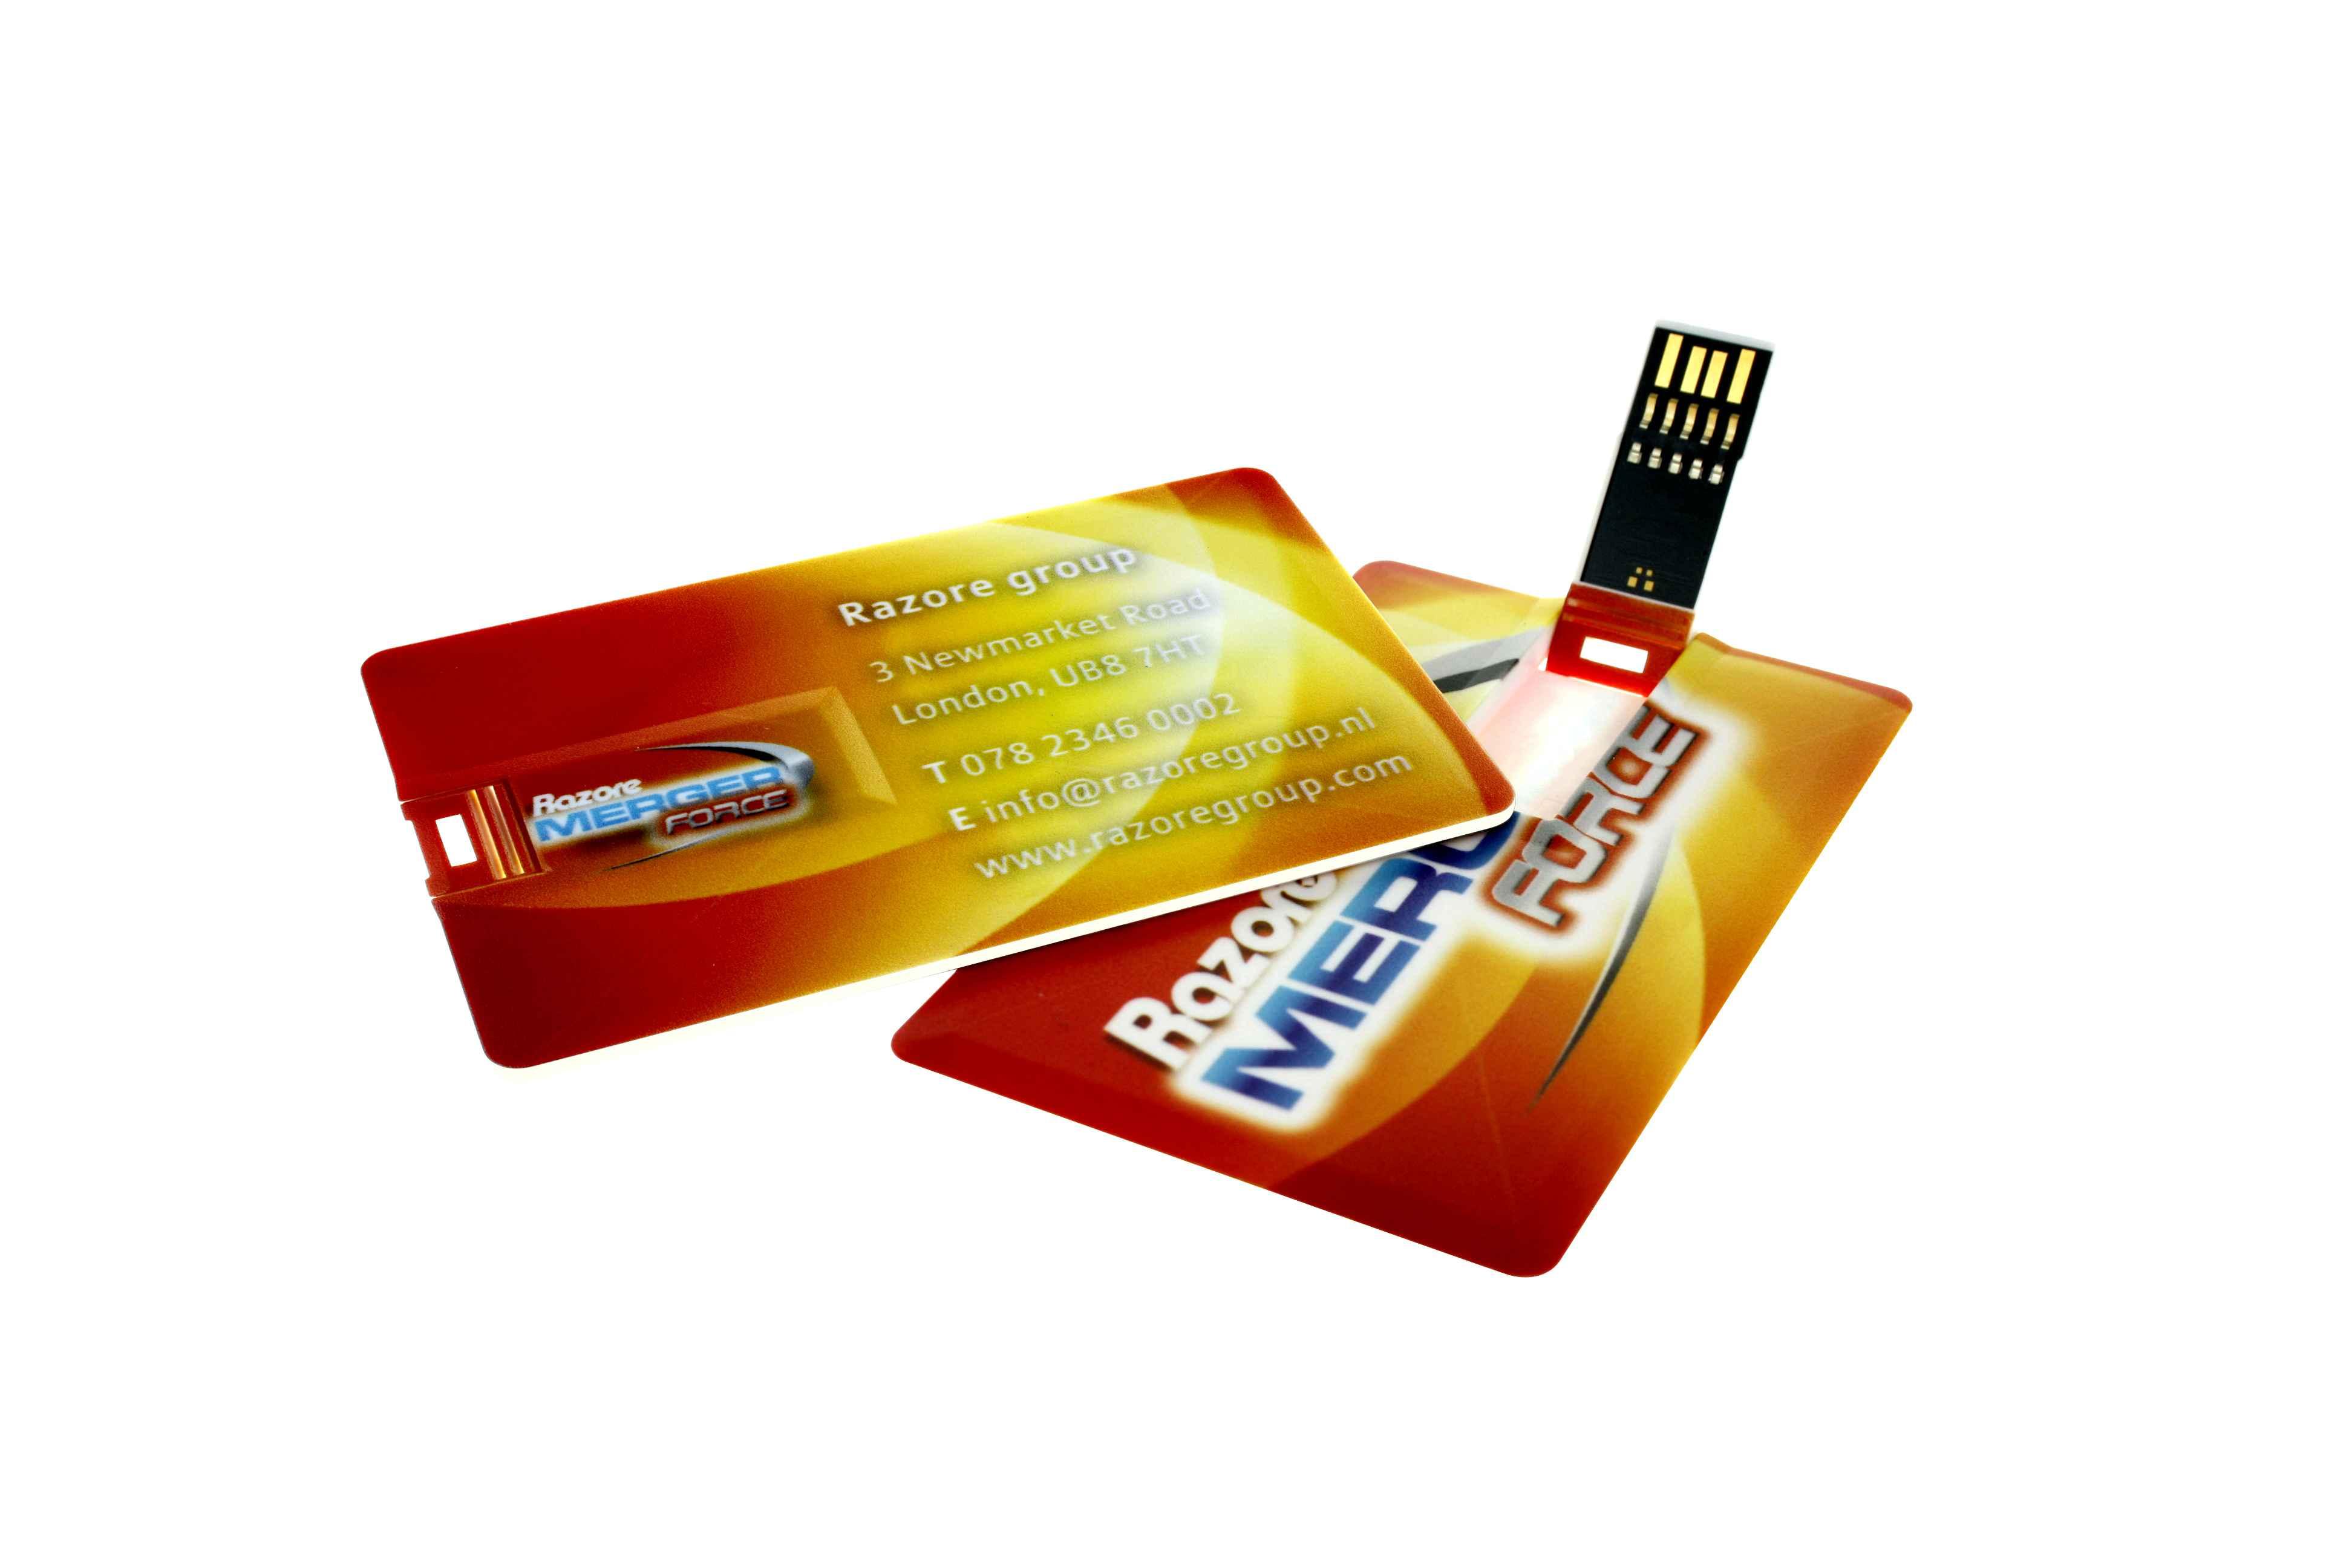 Clé USB personnalisable carte de crédit 3.0